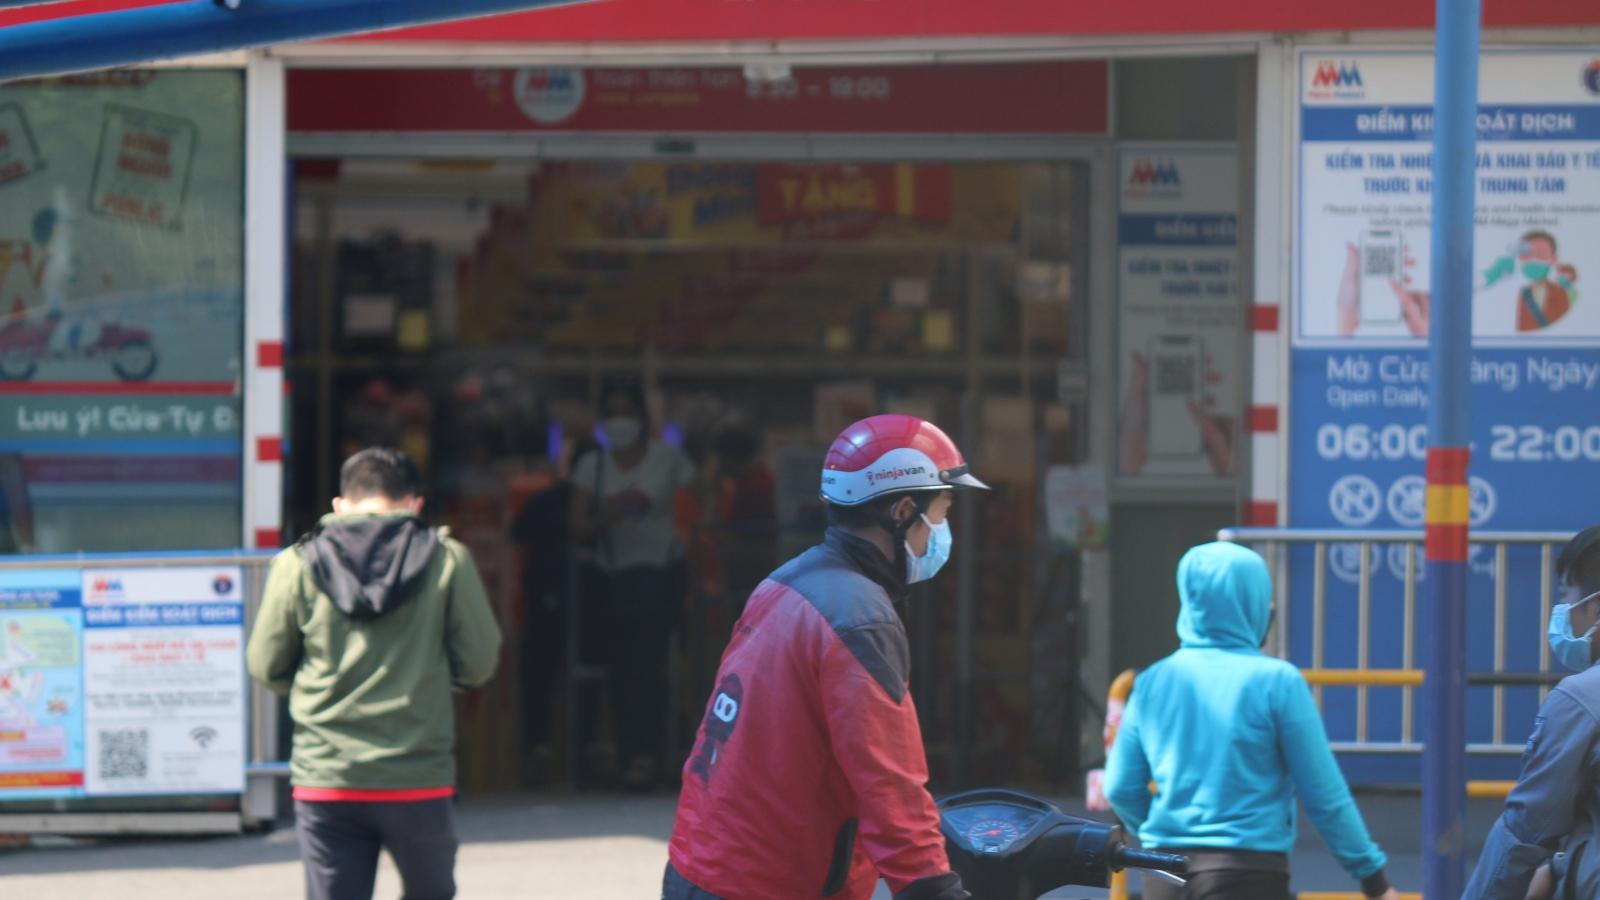 Sở Công Thương TP.HCM kiến nghị tăng thời gian hoạt động của siêu thị và shipper đến 21h